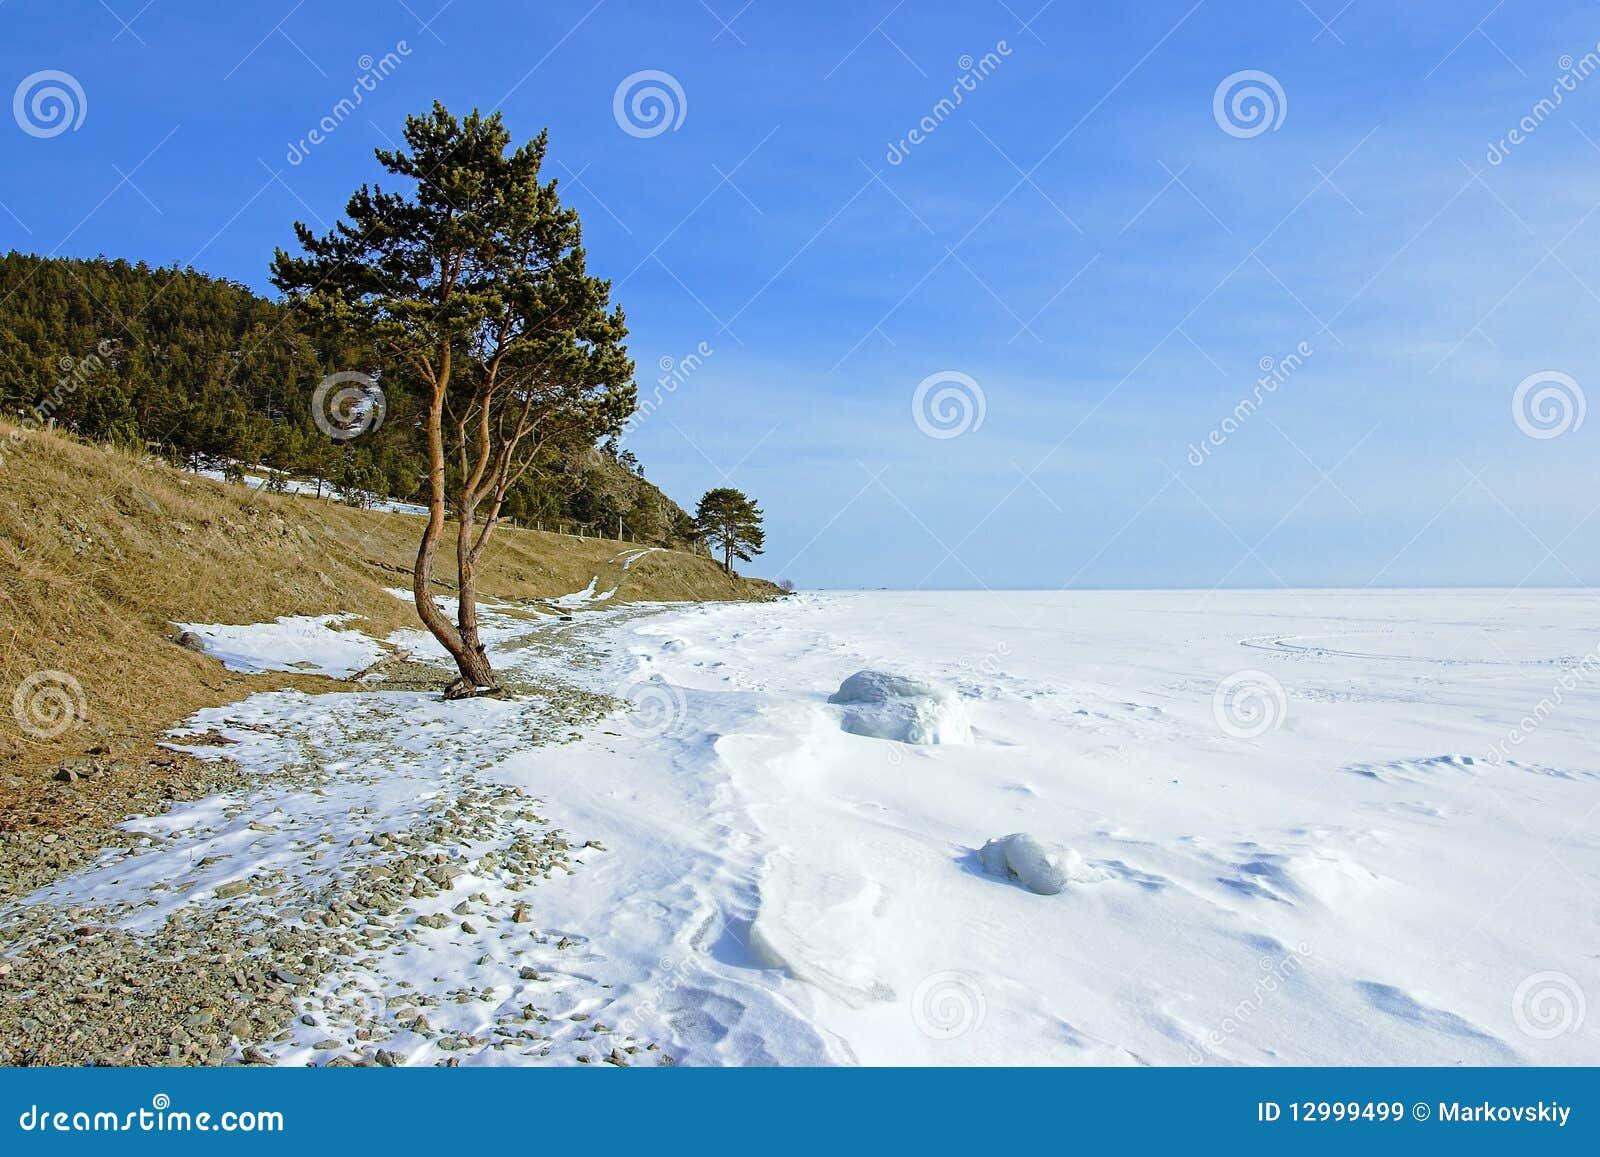 Der Baum auf dem Ufer von gefrorenem See Baikal